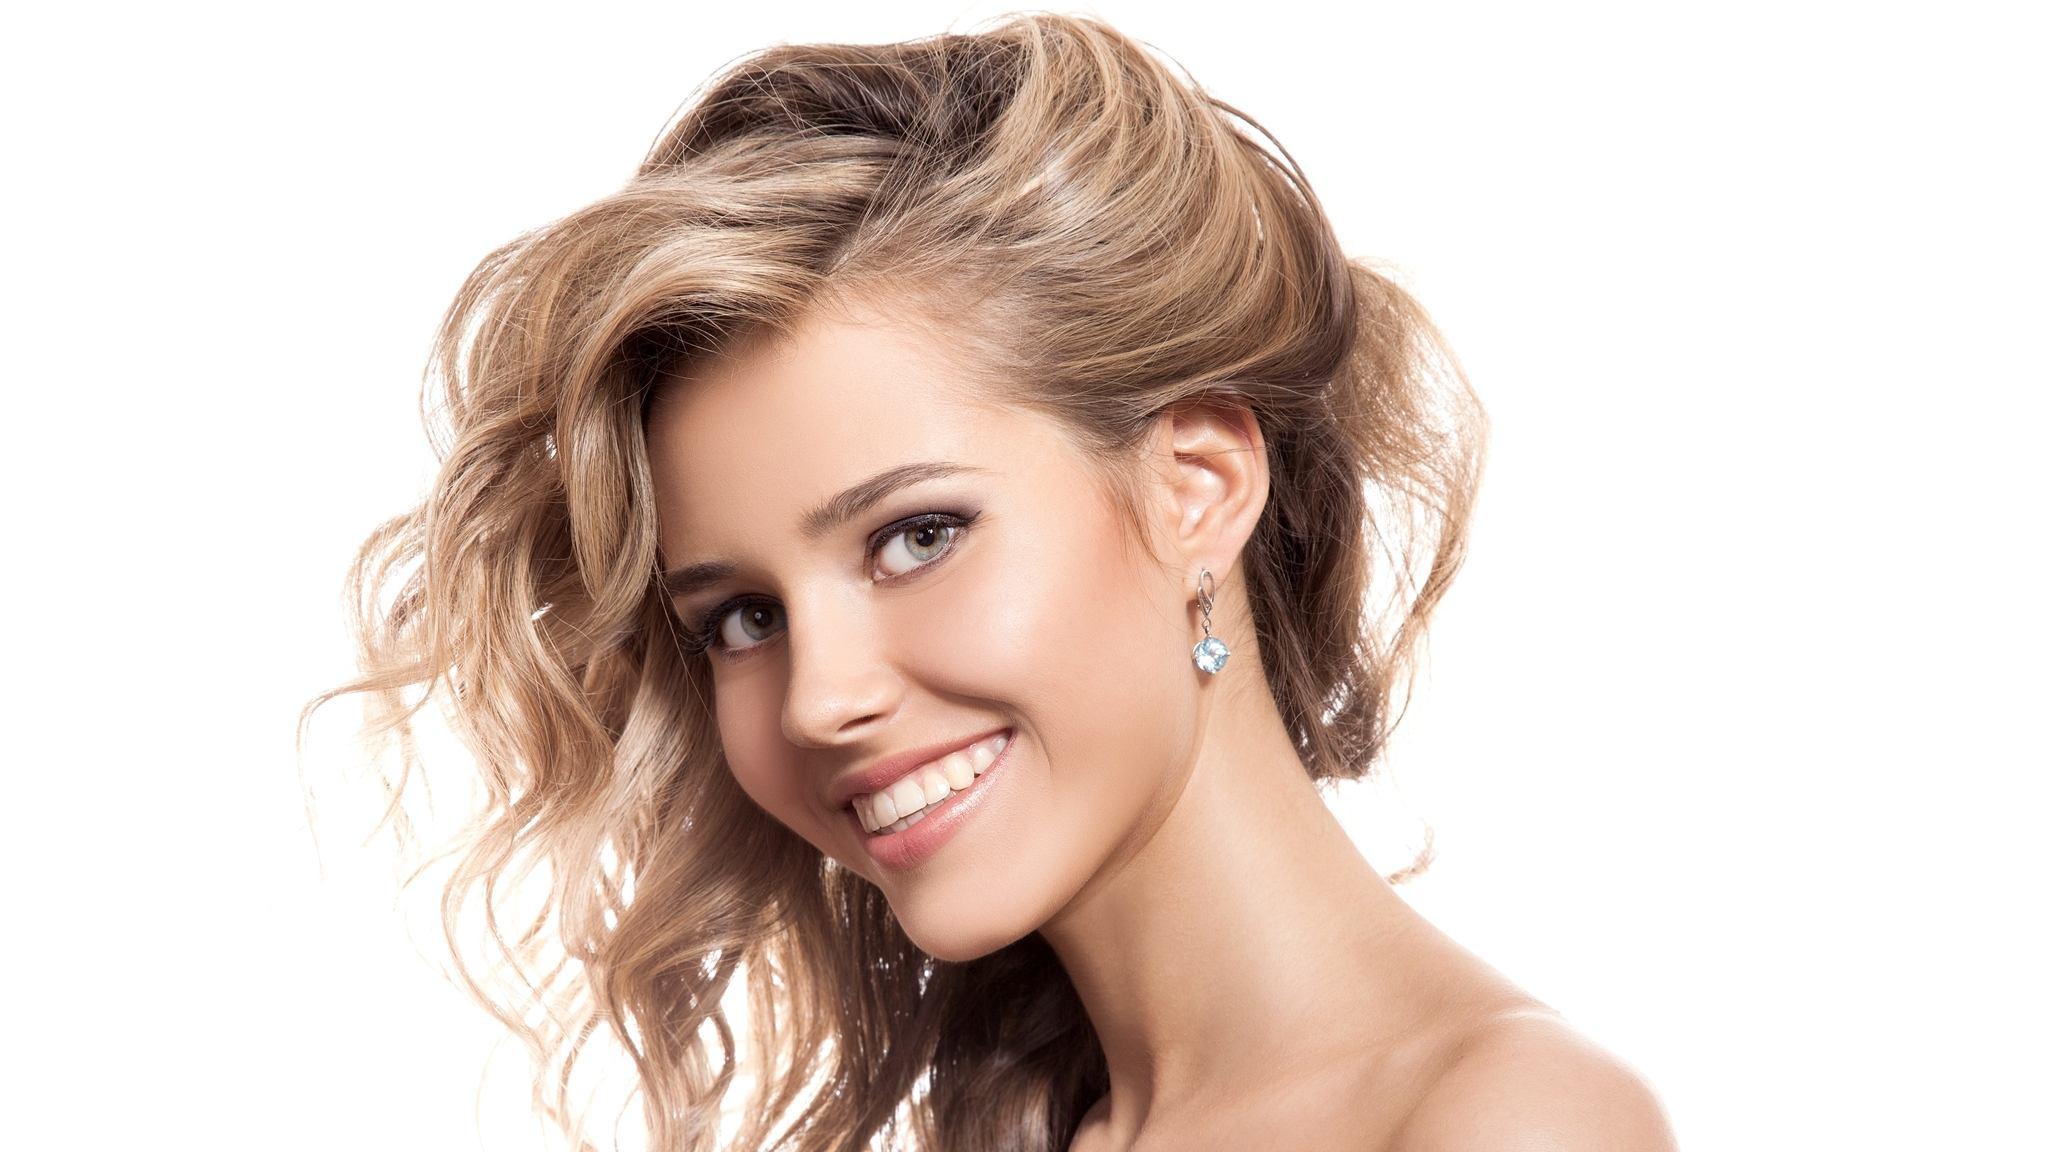 Локоны на длинные волосы (52 фото): создание кудрей в домашних условиях, красивые способы укладки кудрявых волос без челки и с ней